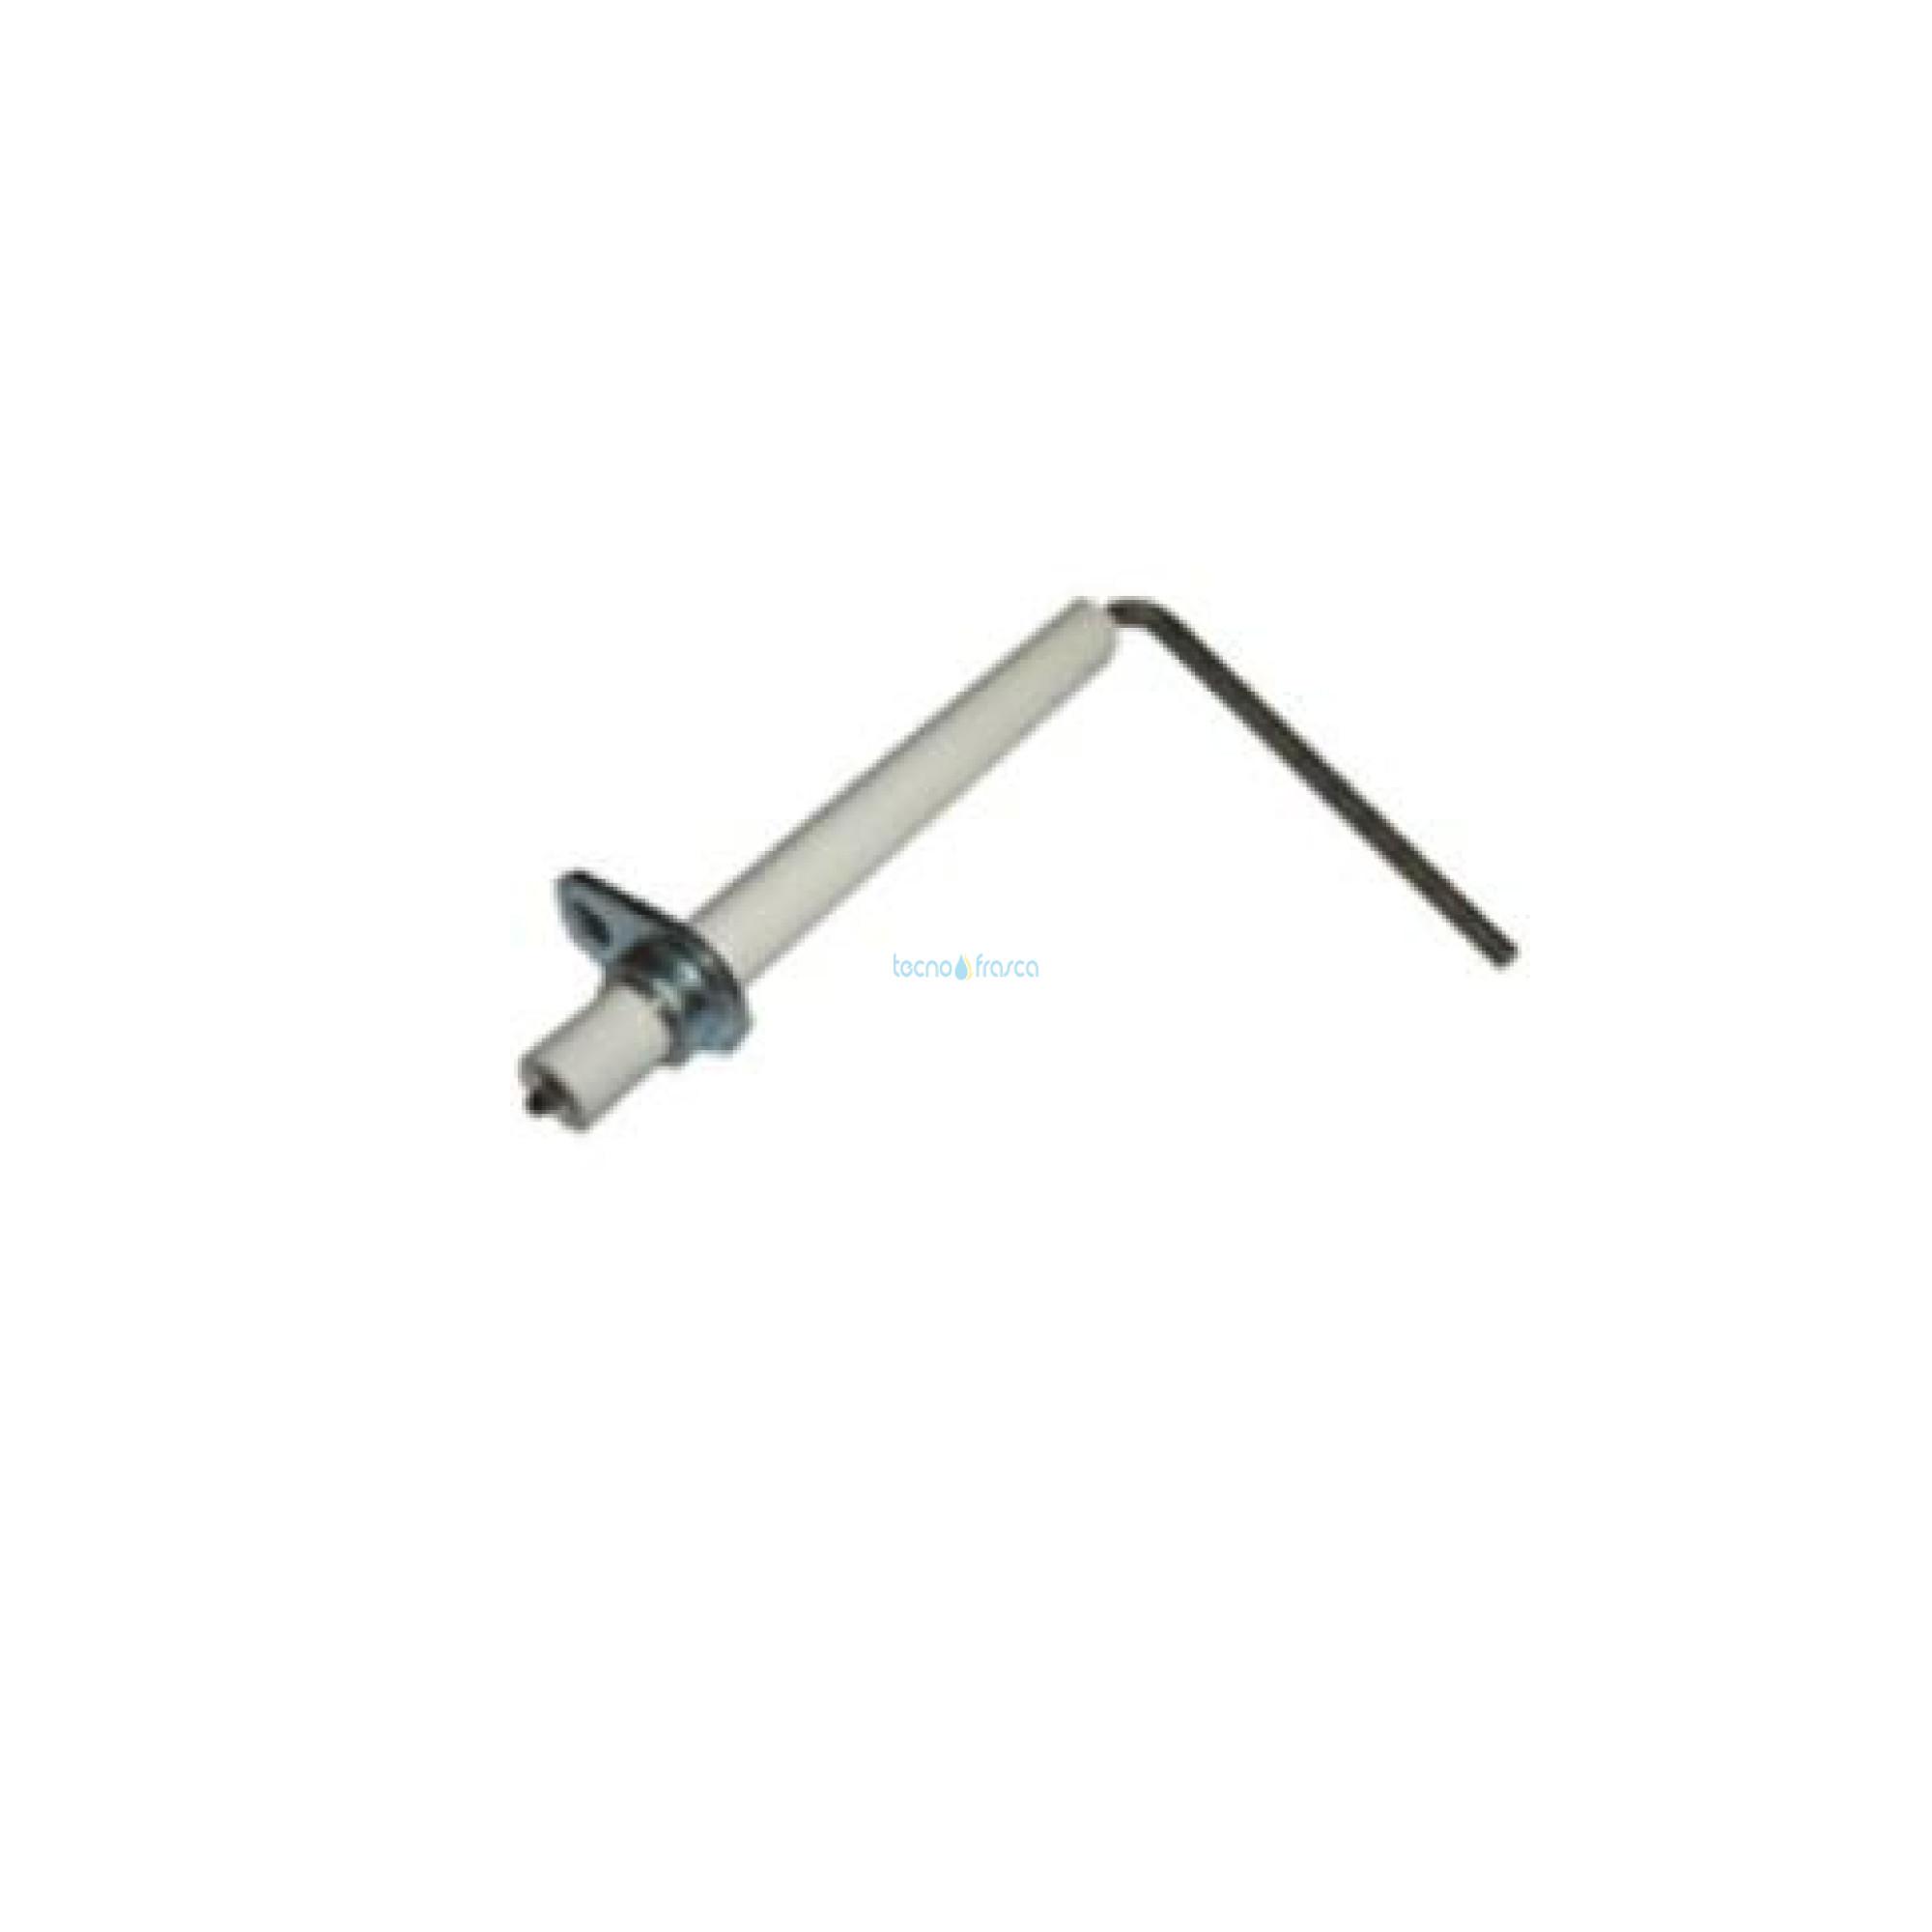 Baxi elettrodo di rilevazione ECO-3 JJJ008422820